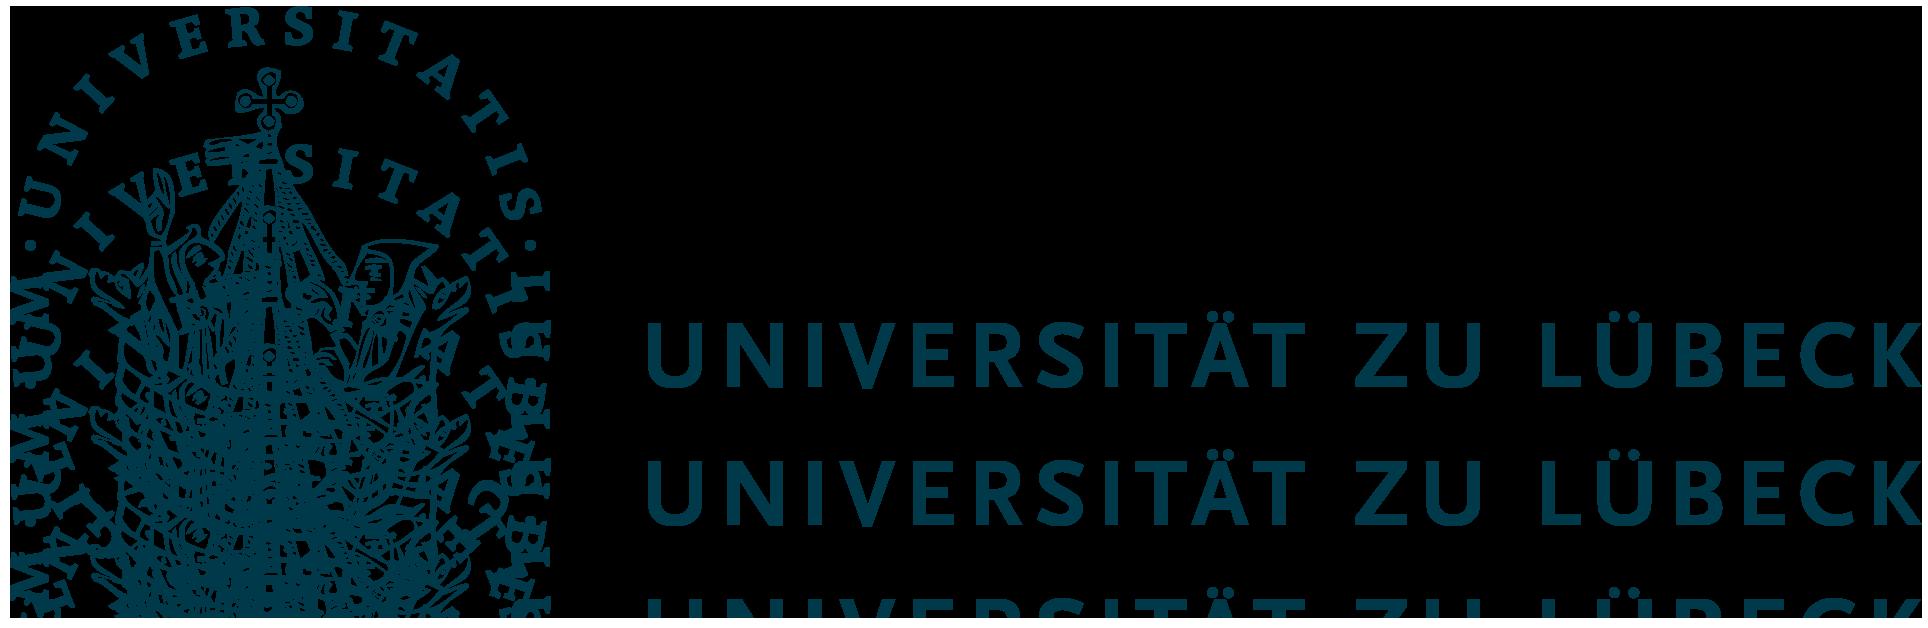 Universität zu Lübeck - logo